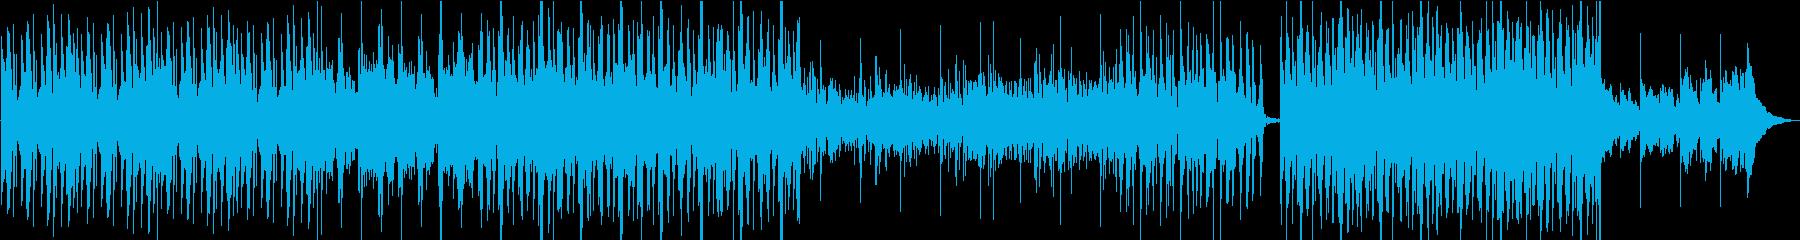 ピアノを使ったサスペンスBGMの再生済みの波形